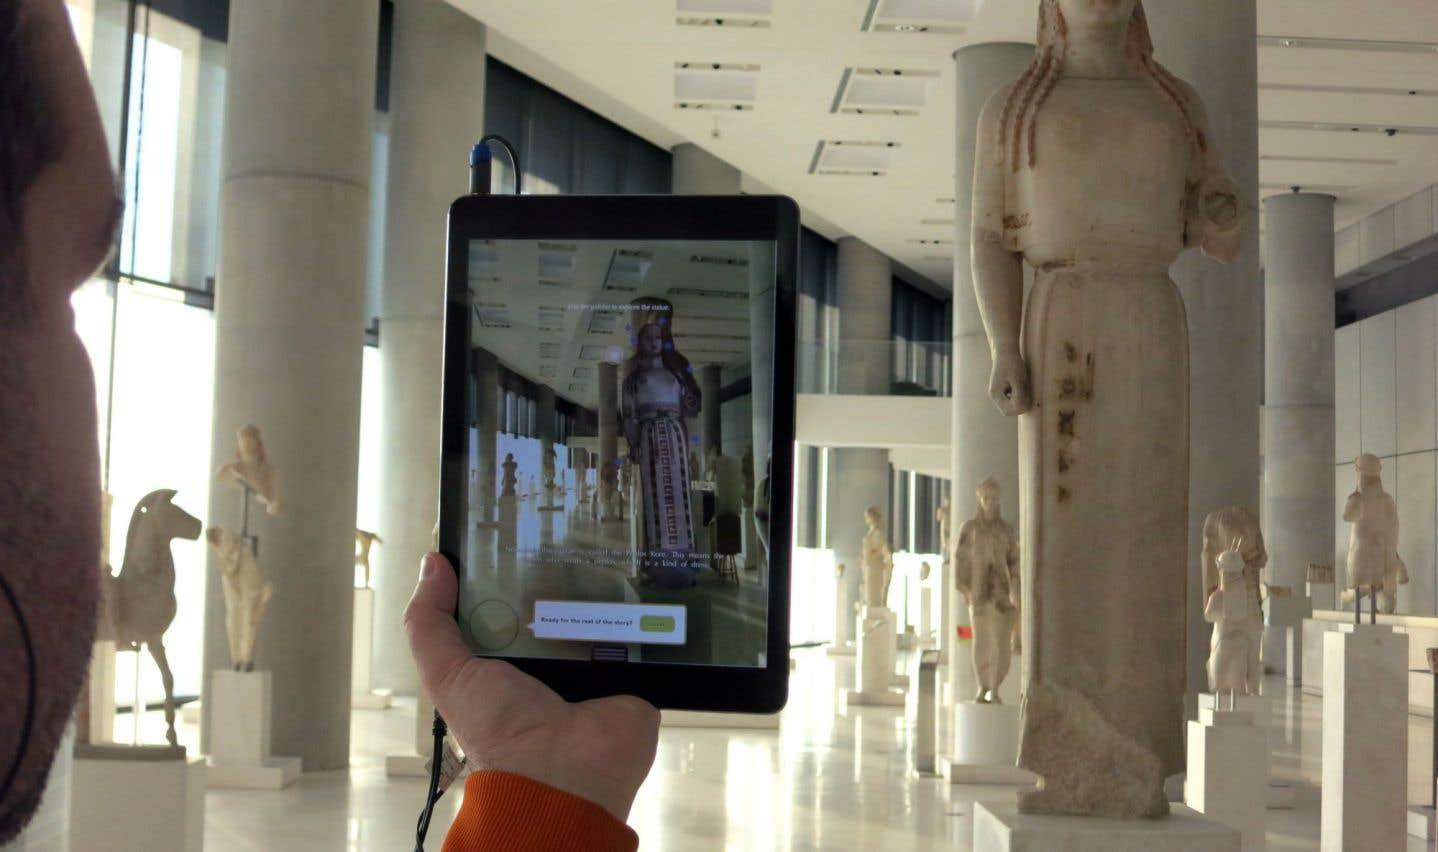 CHESS, un système de création de récit numérique, permet de mettre en scène les expositions proposées par les musées, comme au musée de l'Acropole (en photo) à Athènes, en Grèce.